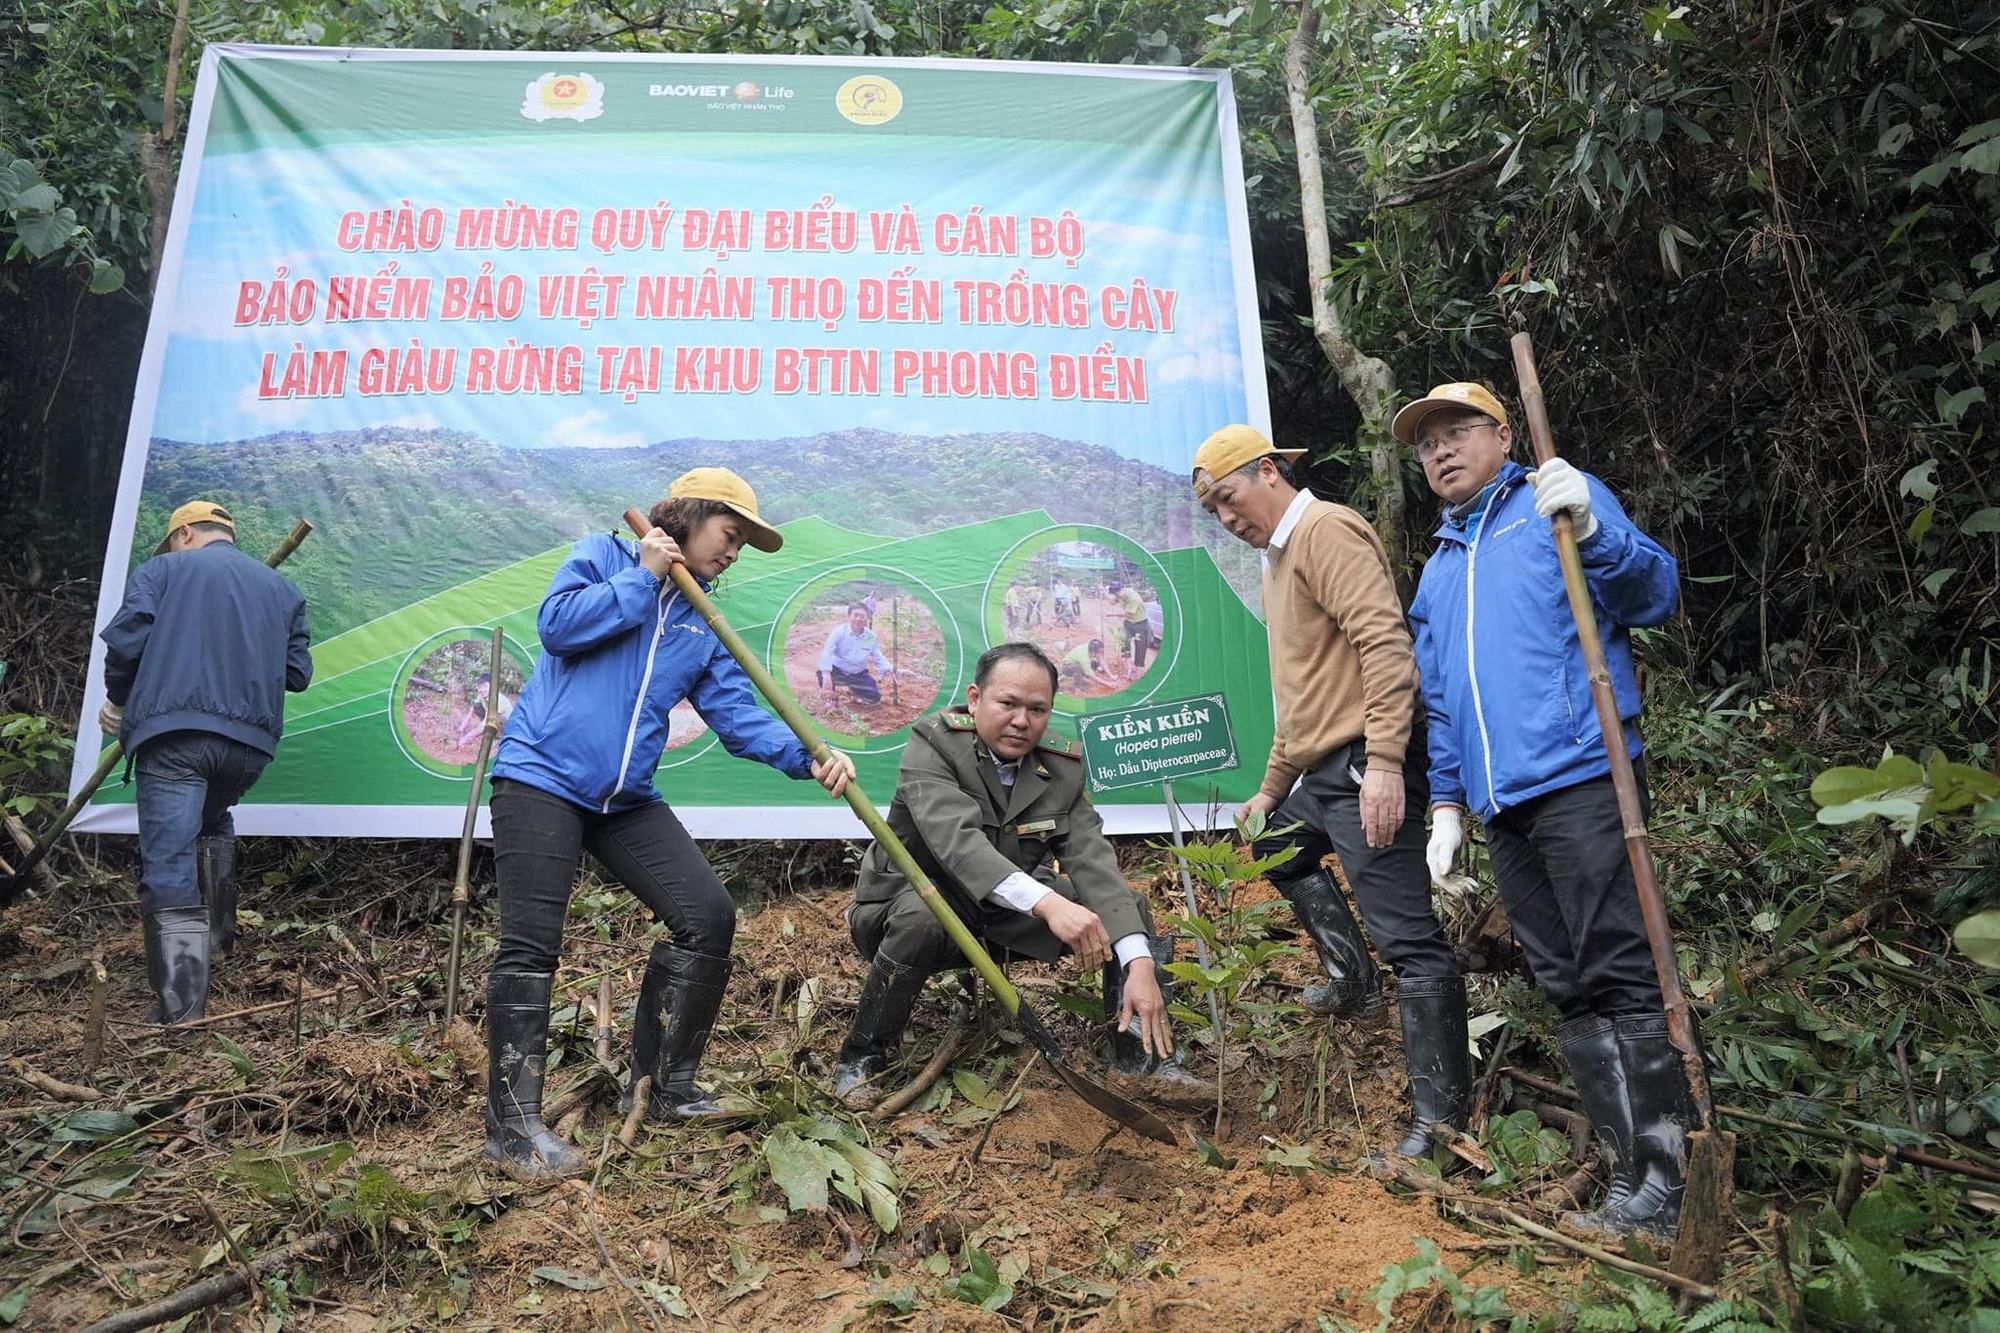 Trồng 2.500 cây gỗ bản địa đầu tiên tại Khu bảo tồn thiên nhiên Phong Điền - Ảnh 4.